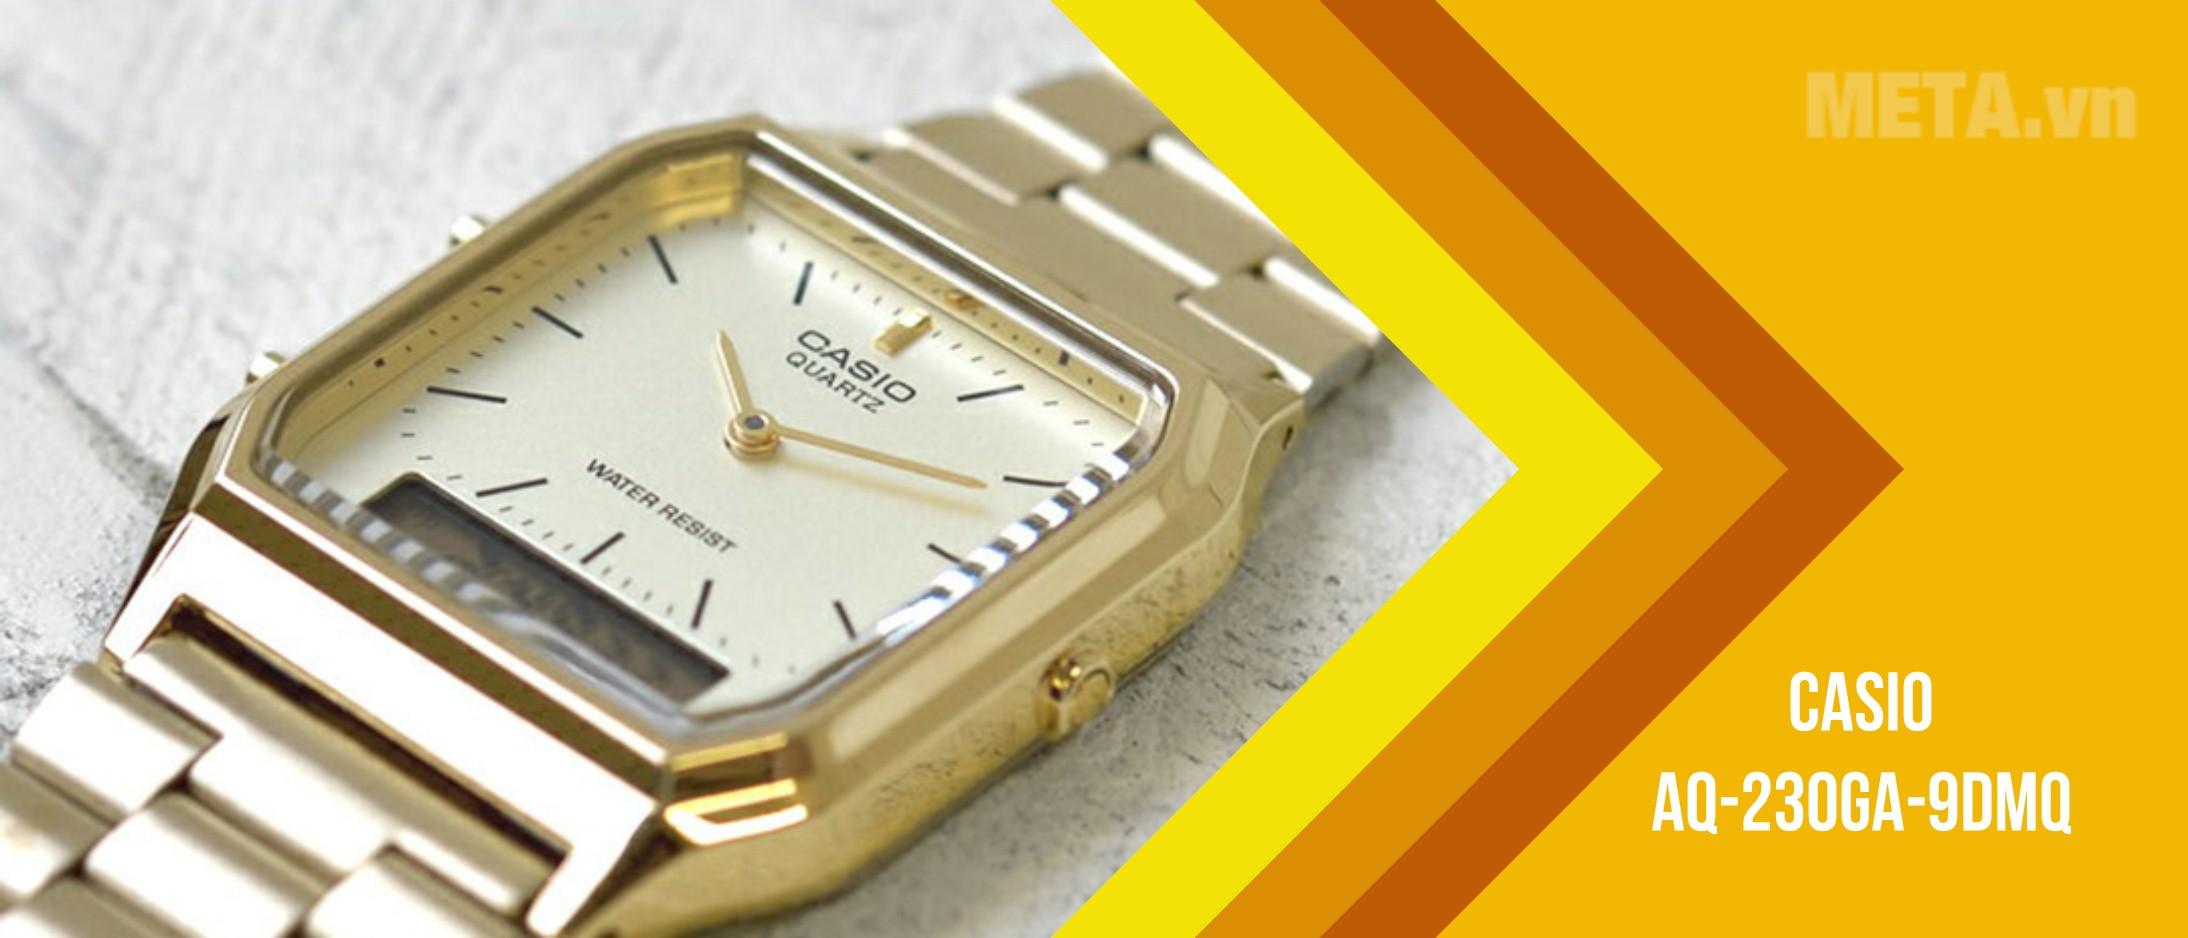 Đồng hồ nam Casio AQ-230GA-9DMQ